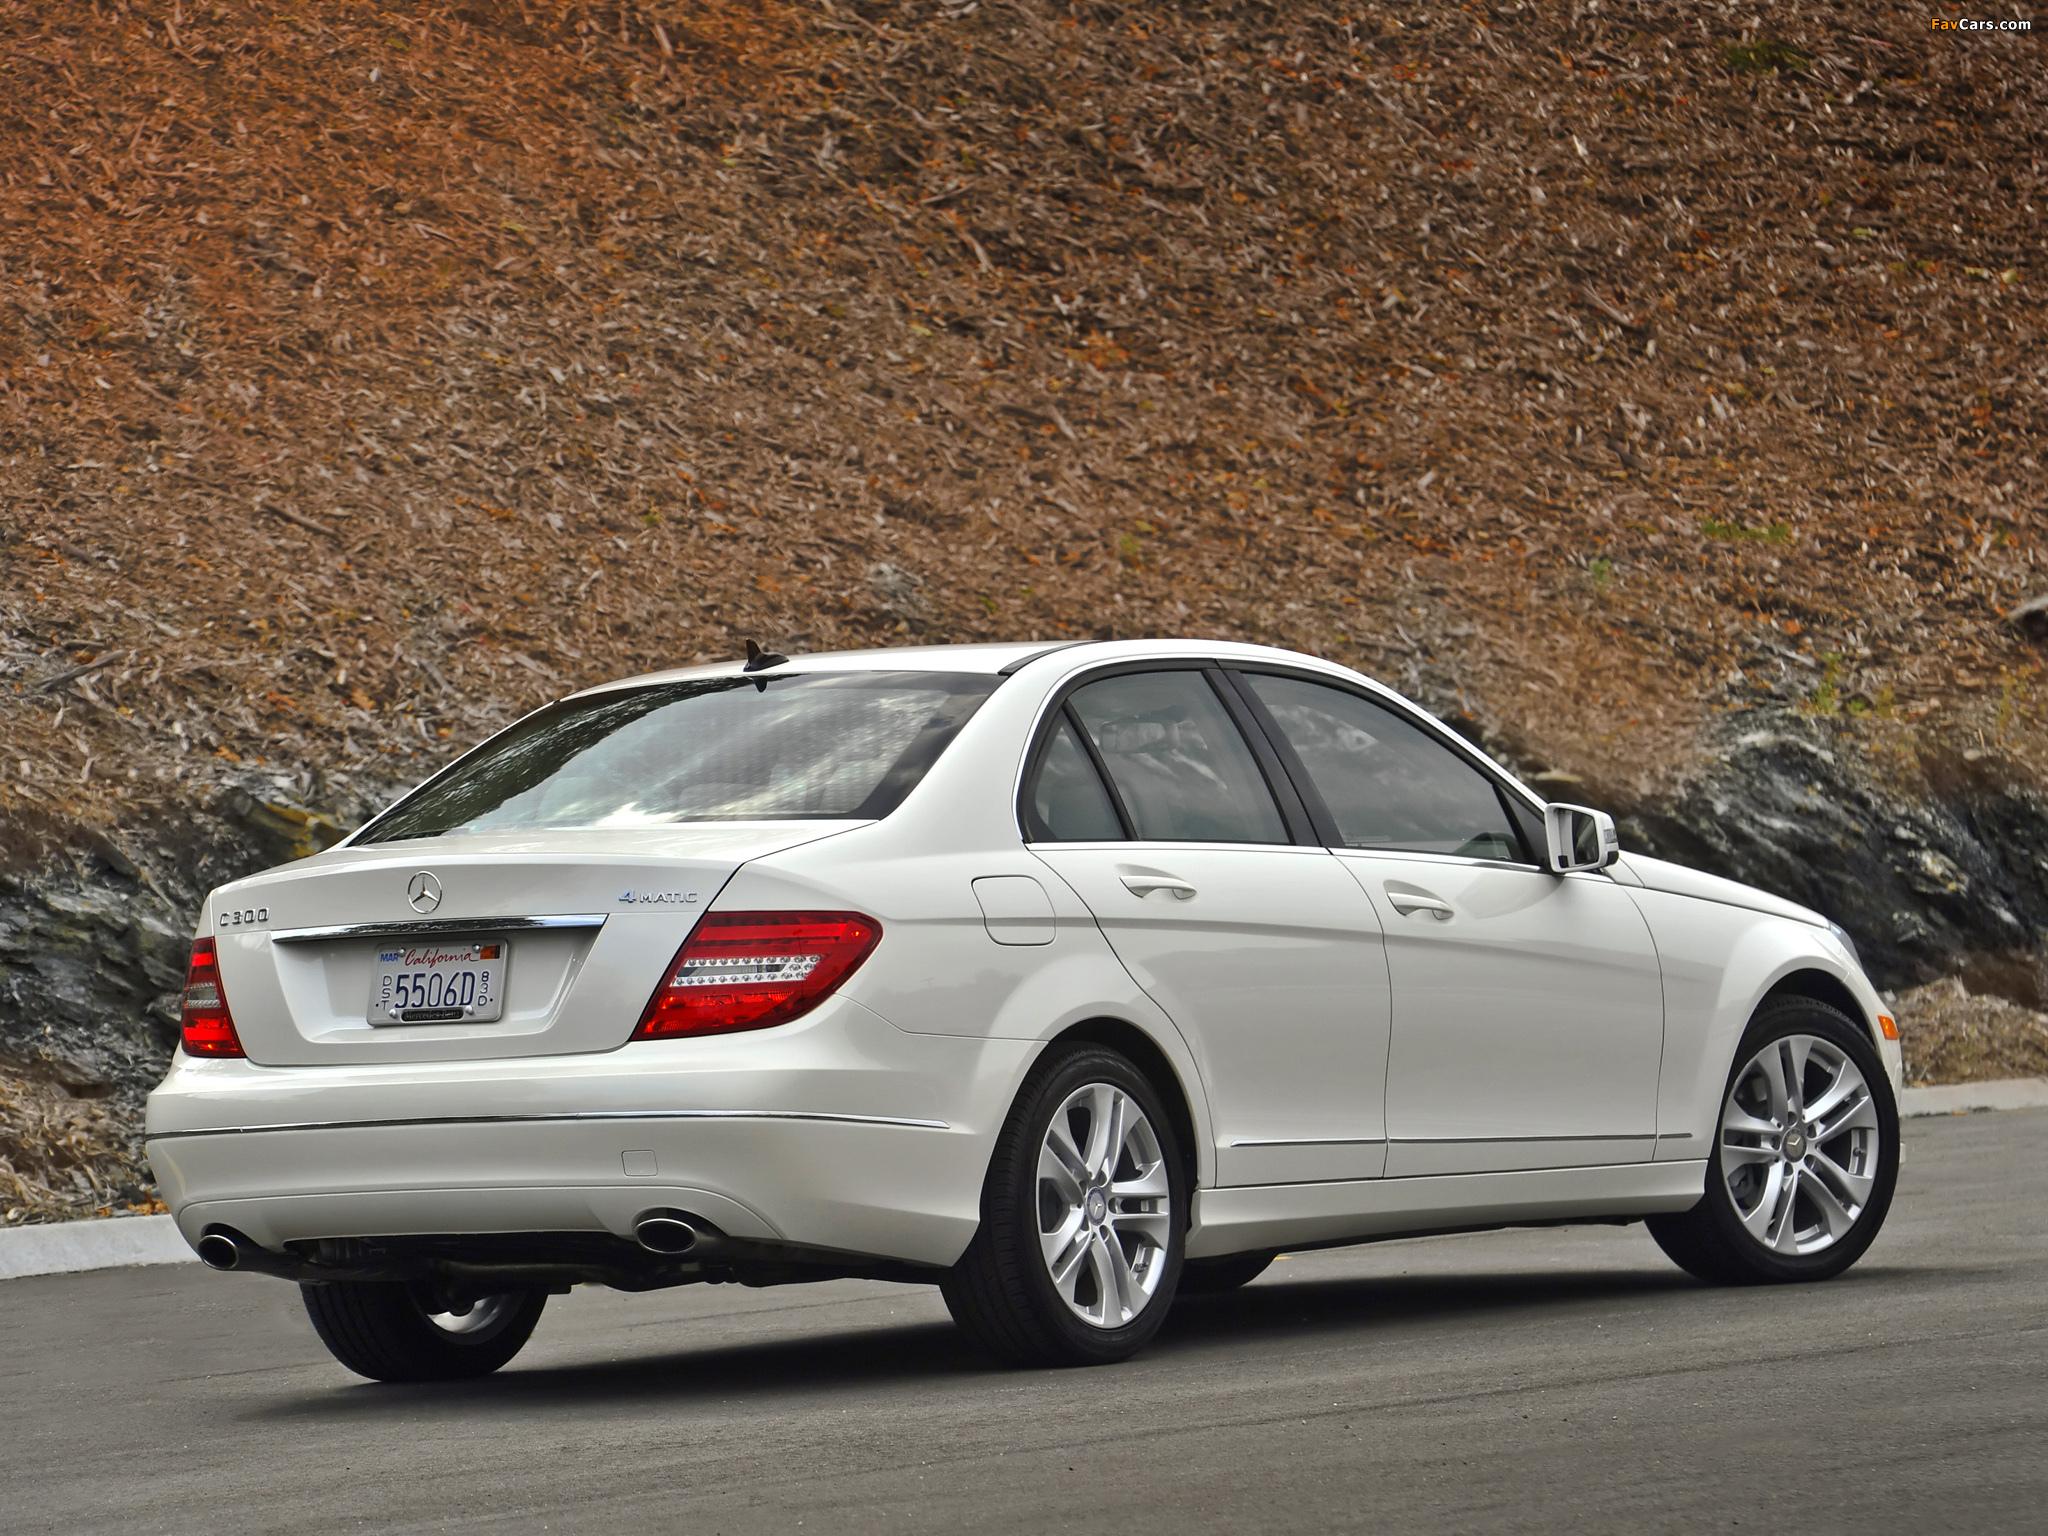 Mercedes-Benz C 300 4MATIC US-spec (W204) 2011 photos (2048 x 1536)